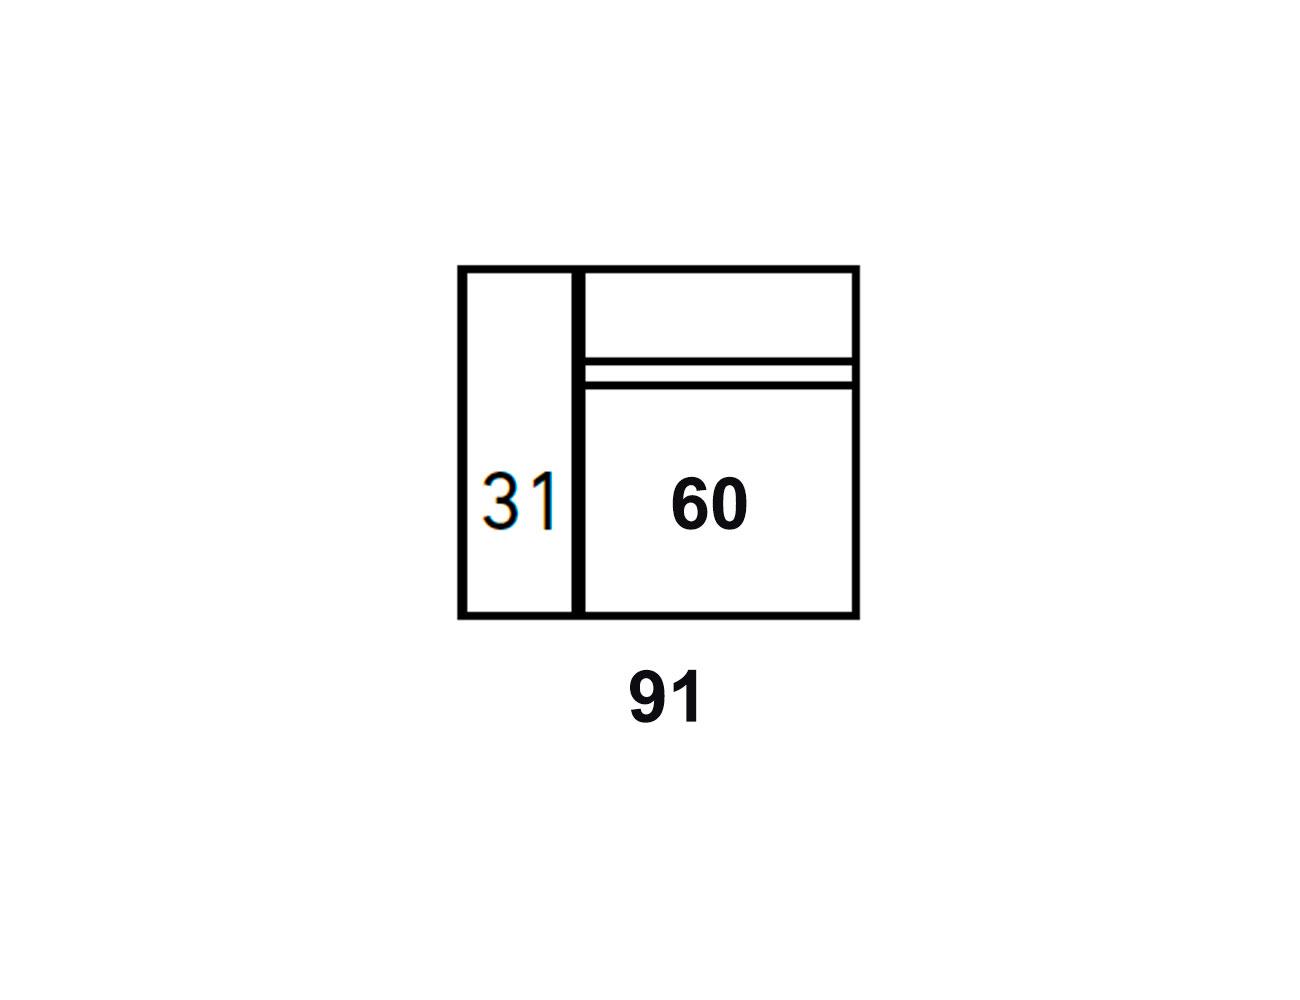 Modulo 1p 9111